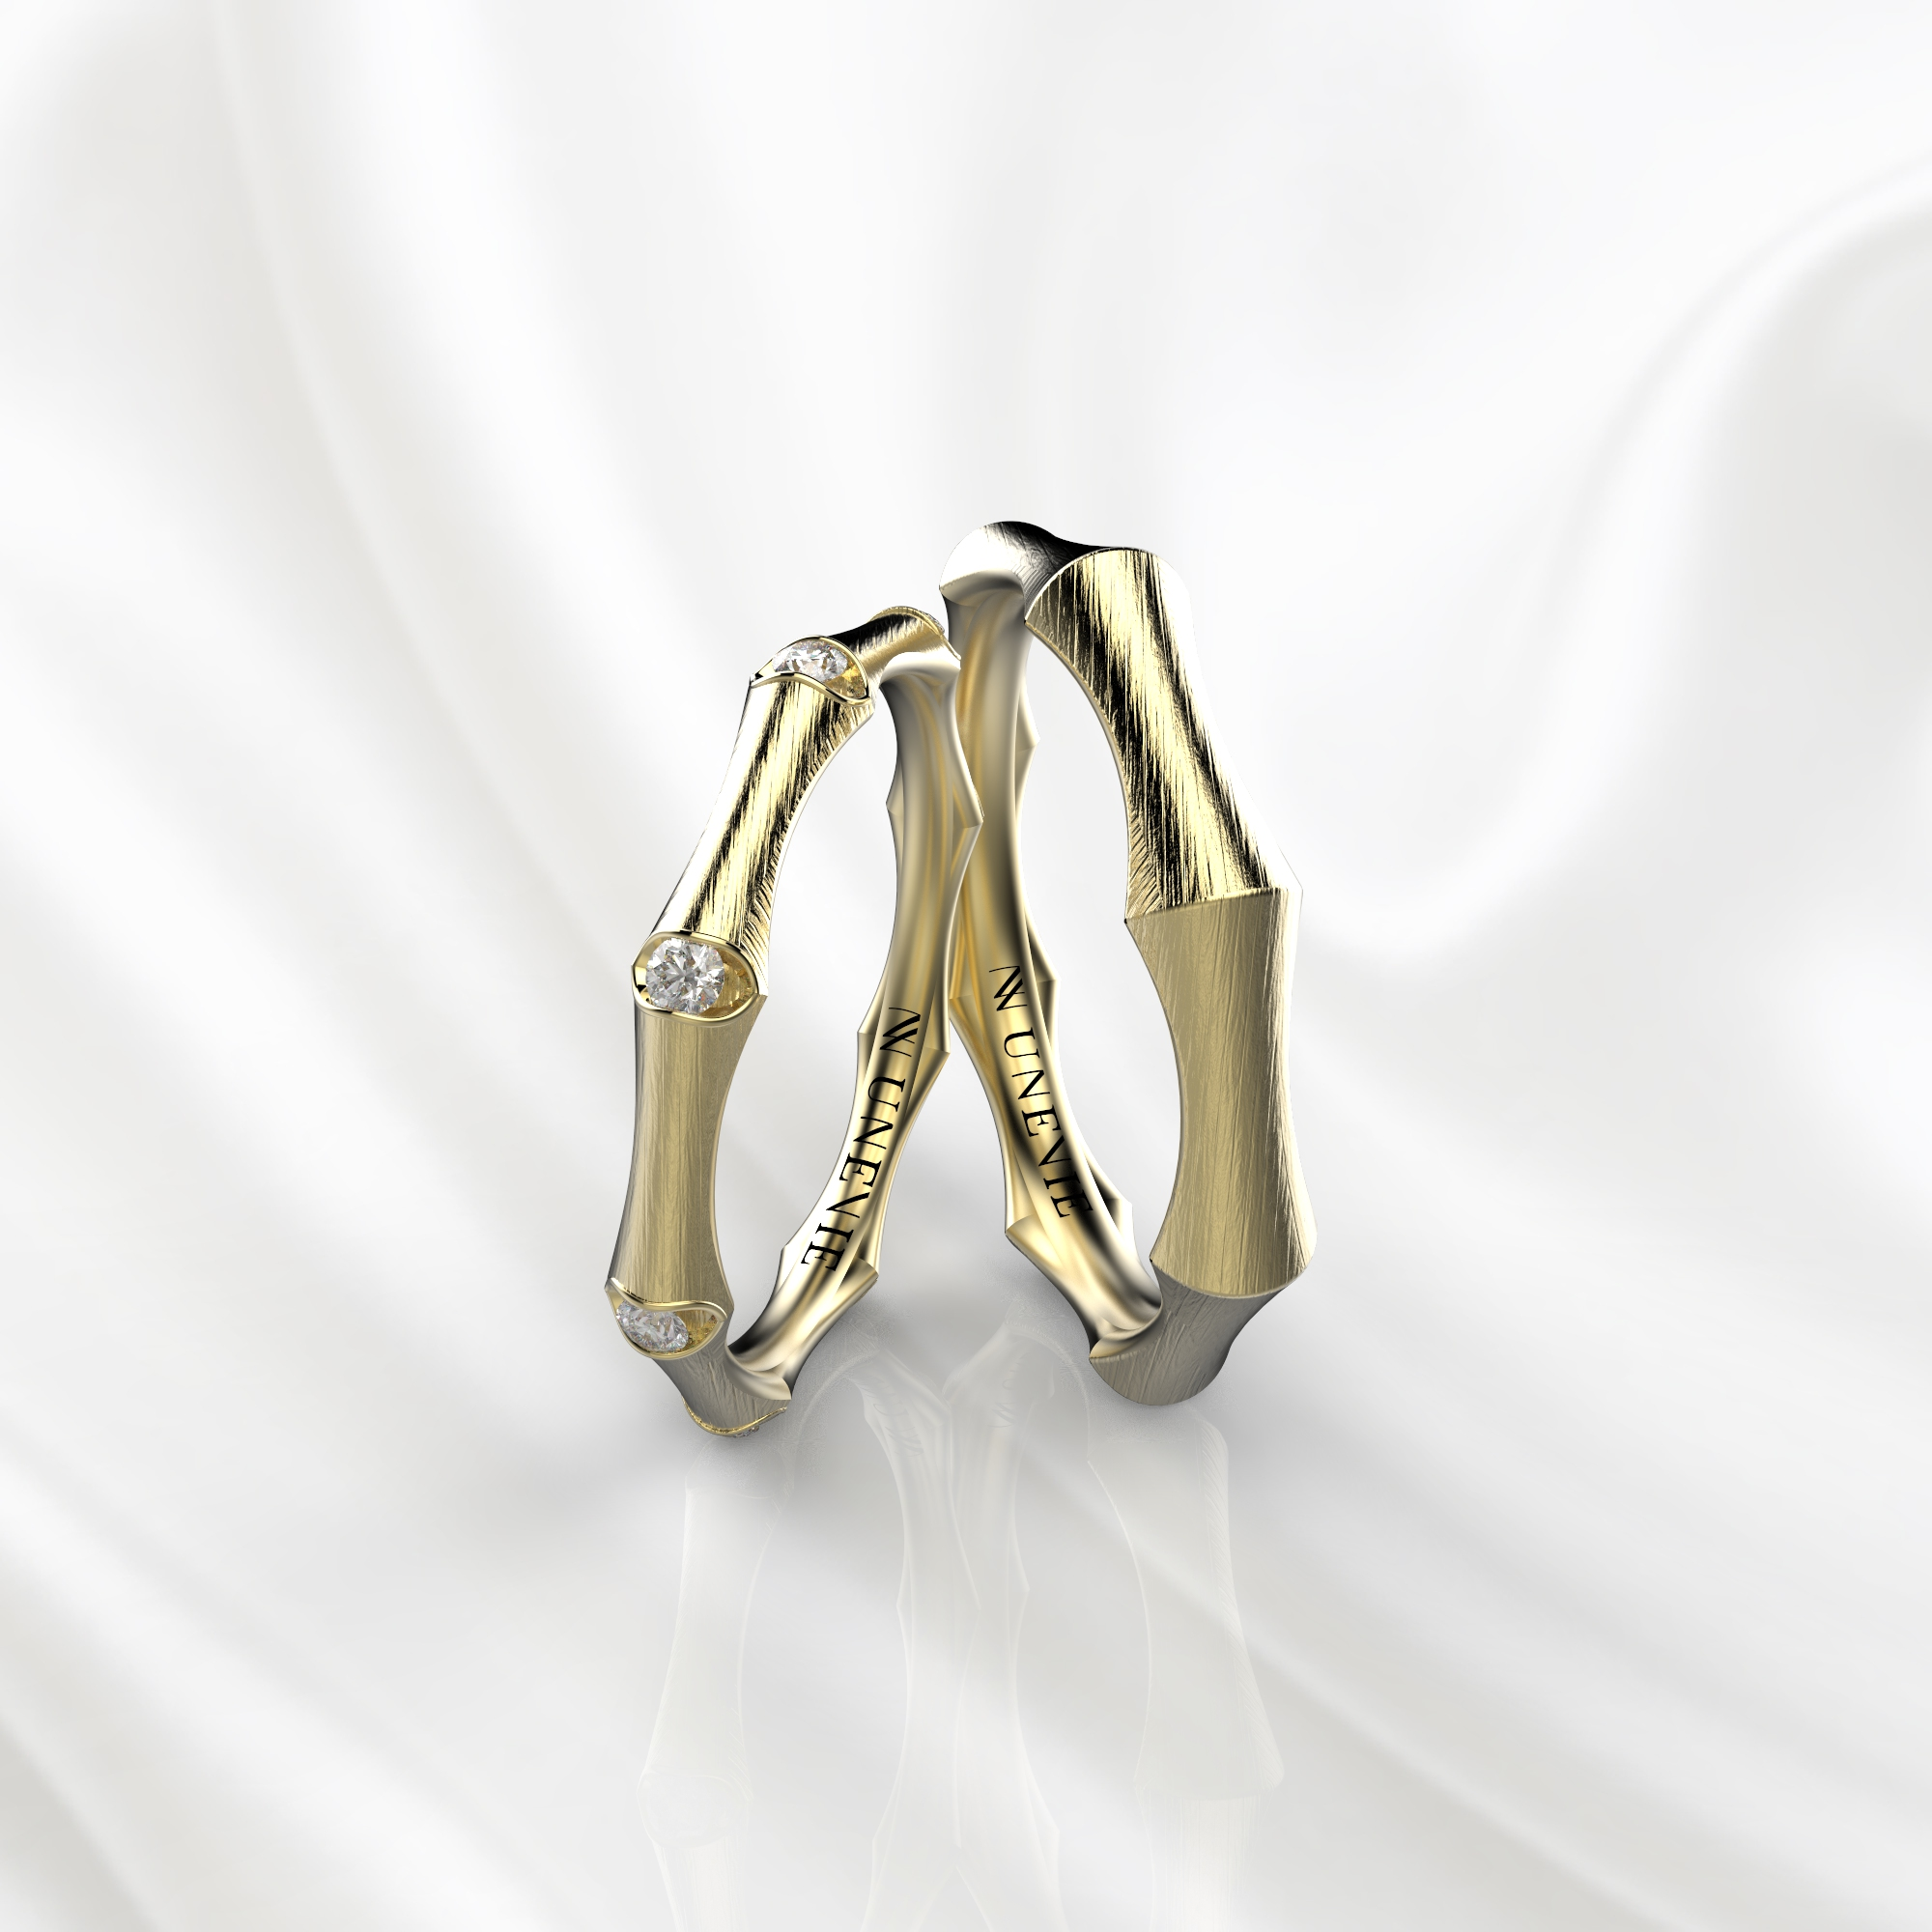 NV49 Парные обручальные кольца из желтого золота с бриллиантами